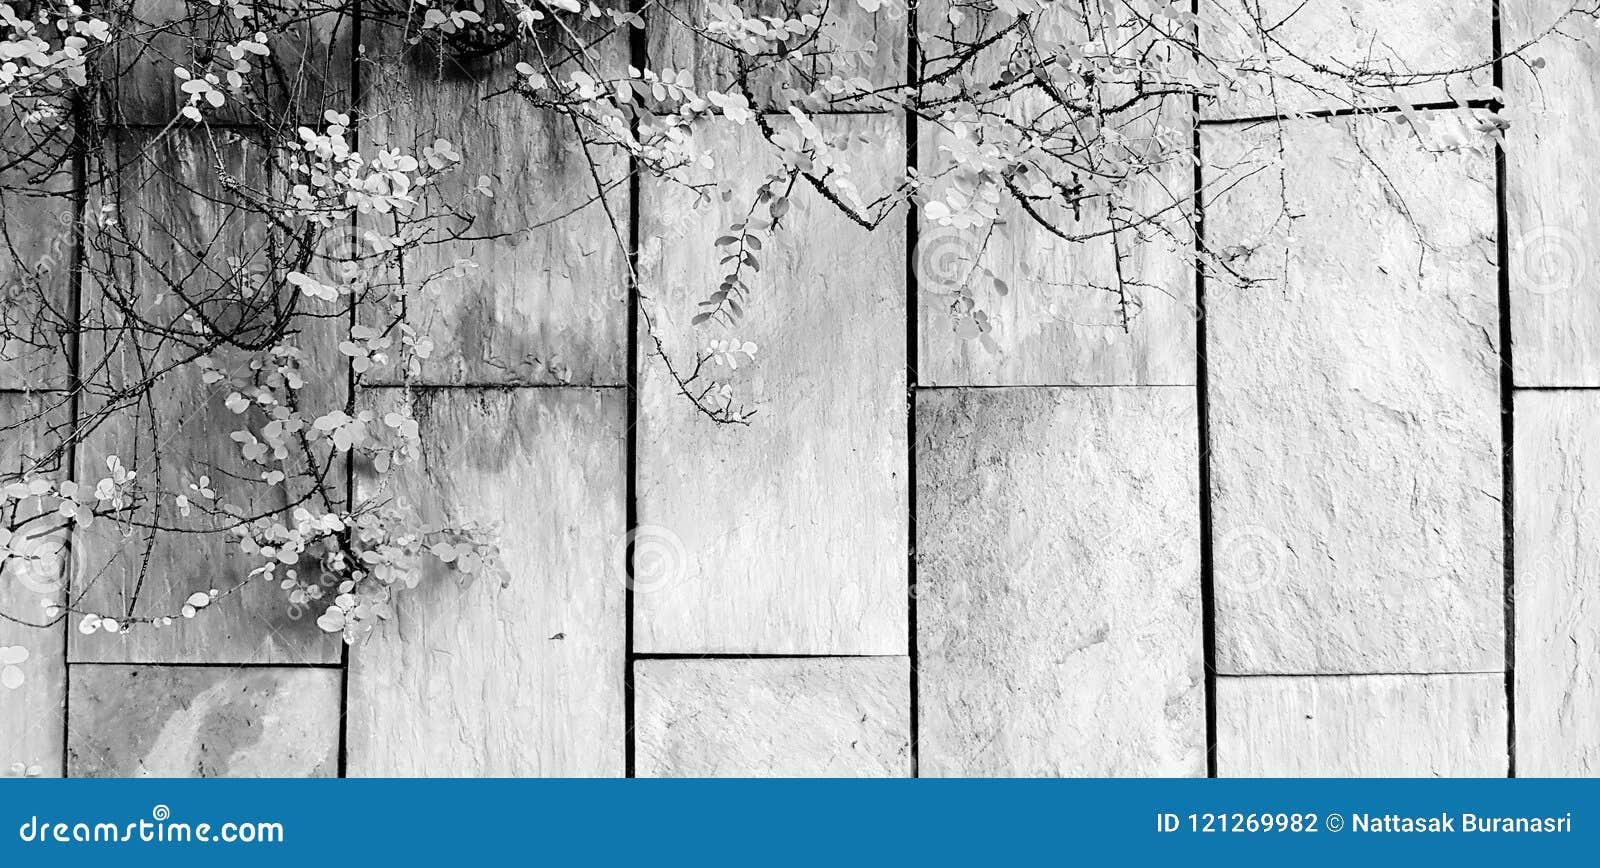 Grön vinranka, murgröna eller krypa växttillväxt på den grova gråa väggbakgrunden med kopieringsutrymme i svartvit stil